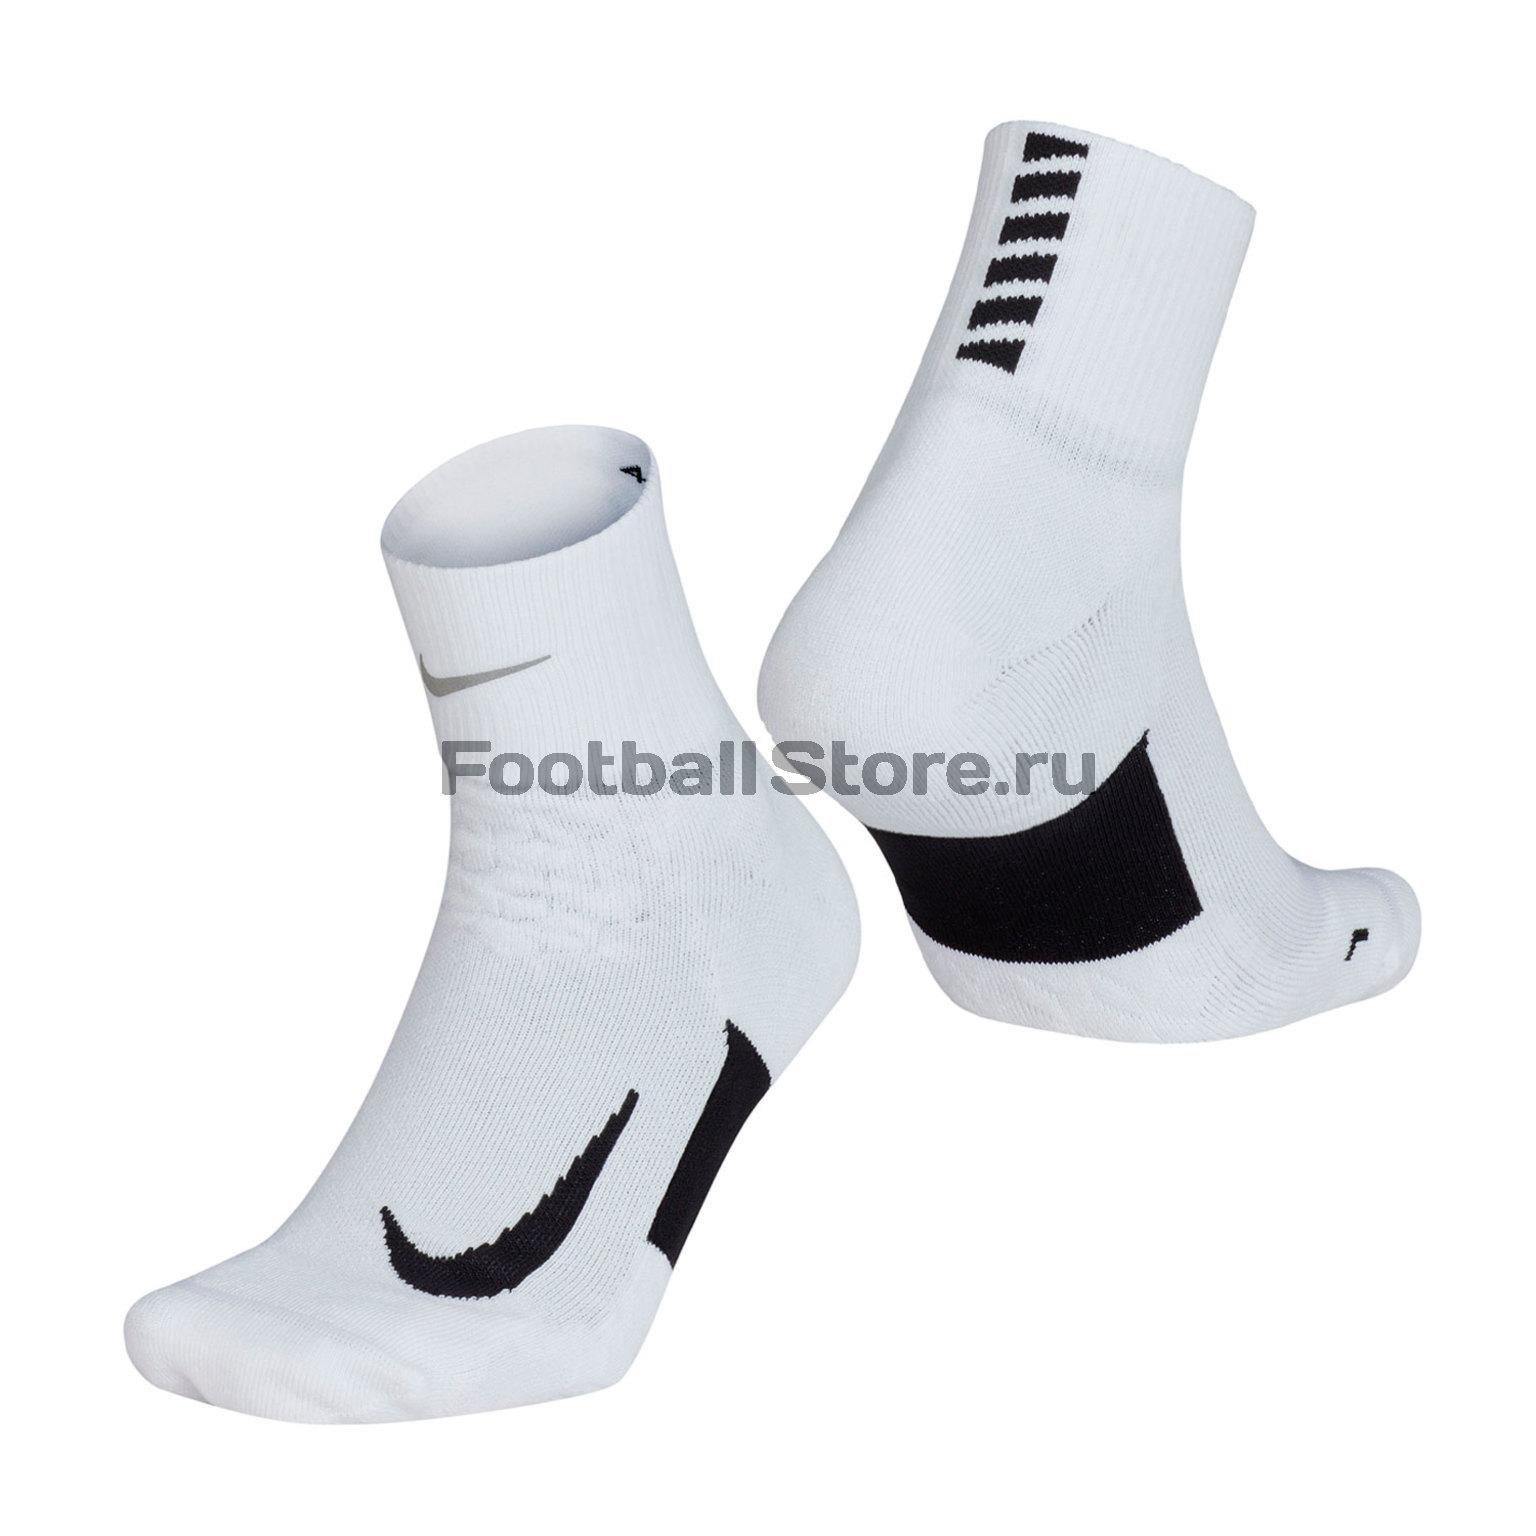 Носки Nike Elite Cushion Quarter Running Sock SX5463-101 детские бутсы nike бутсы nike jr phantom 3 elite df fg ah7292 081